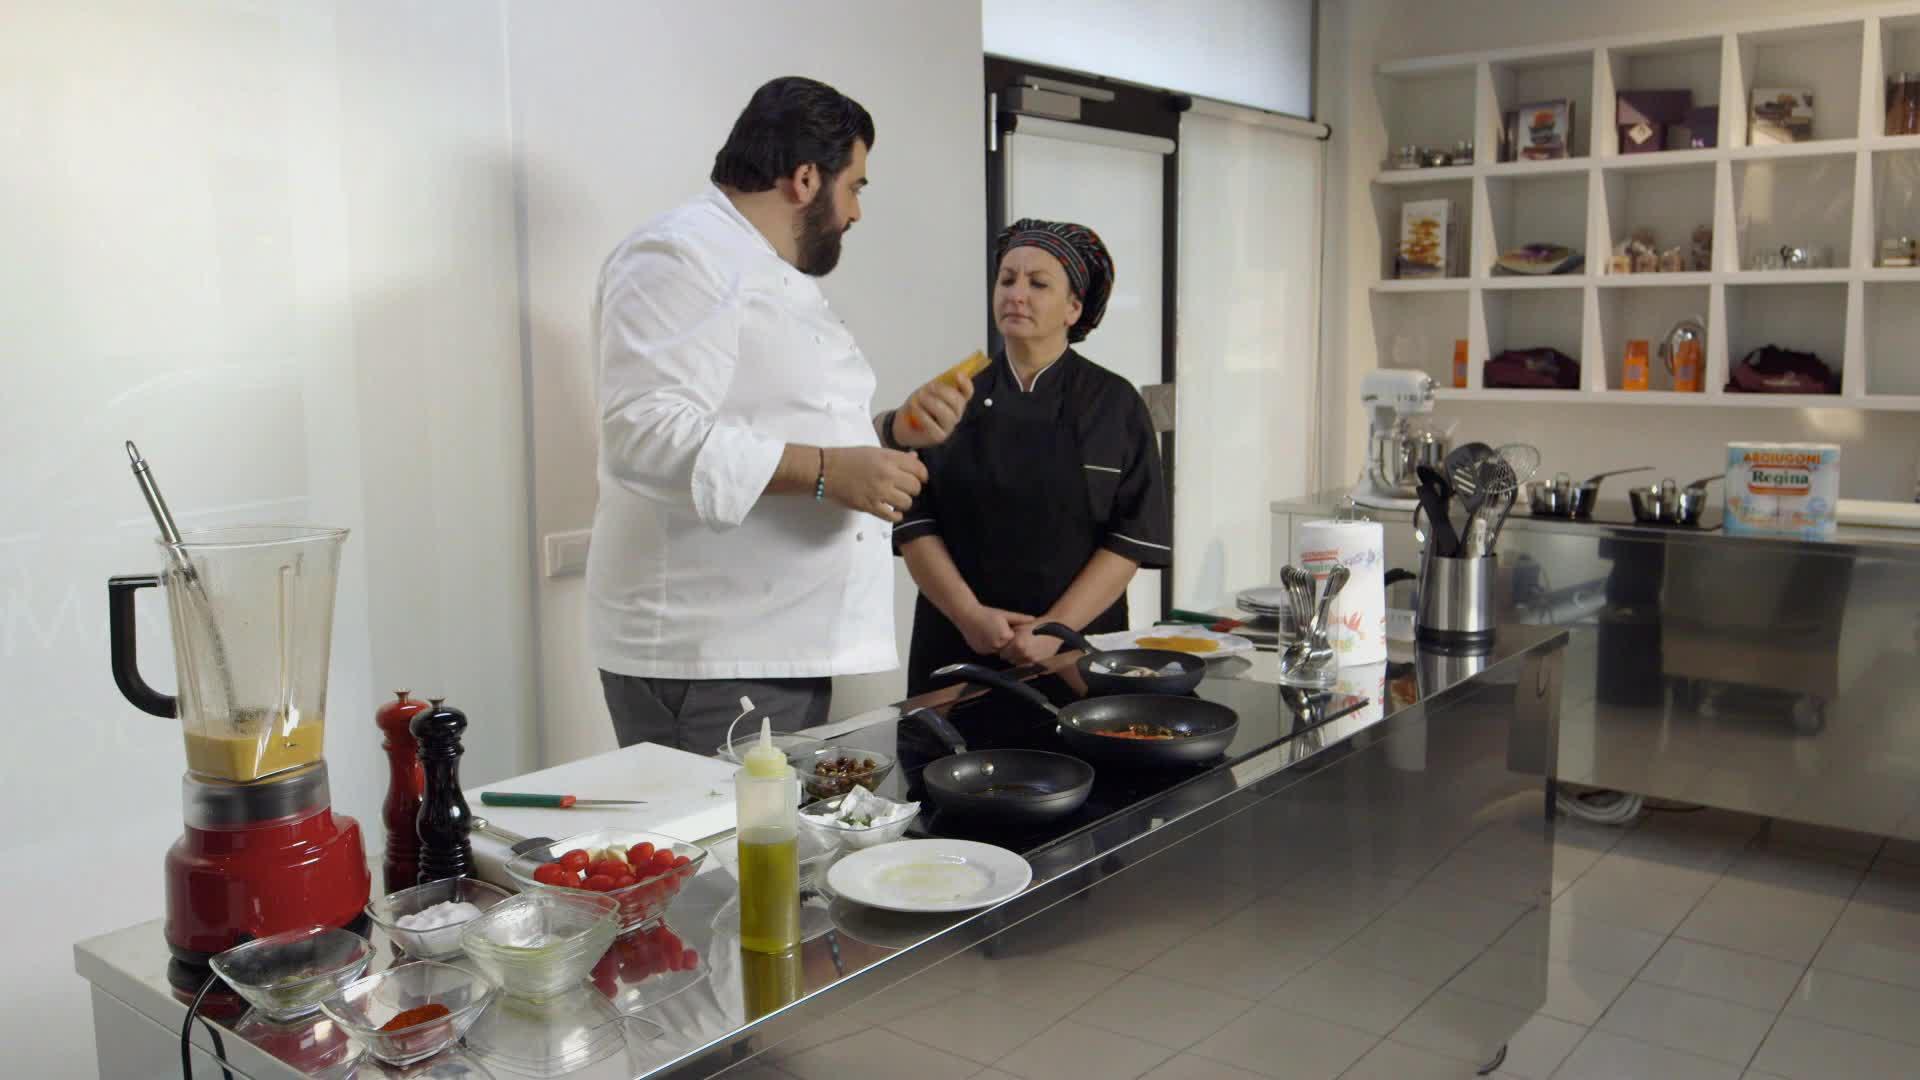 Cucine da incubo italia antonino cannavacciuolo a castiglione delle stiviere con knam dplay - Cucine da incubo cannavacciuolo ...